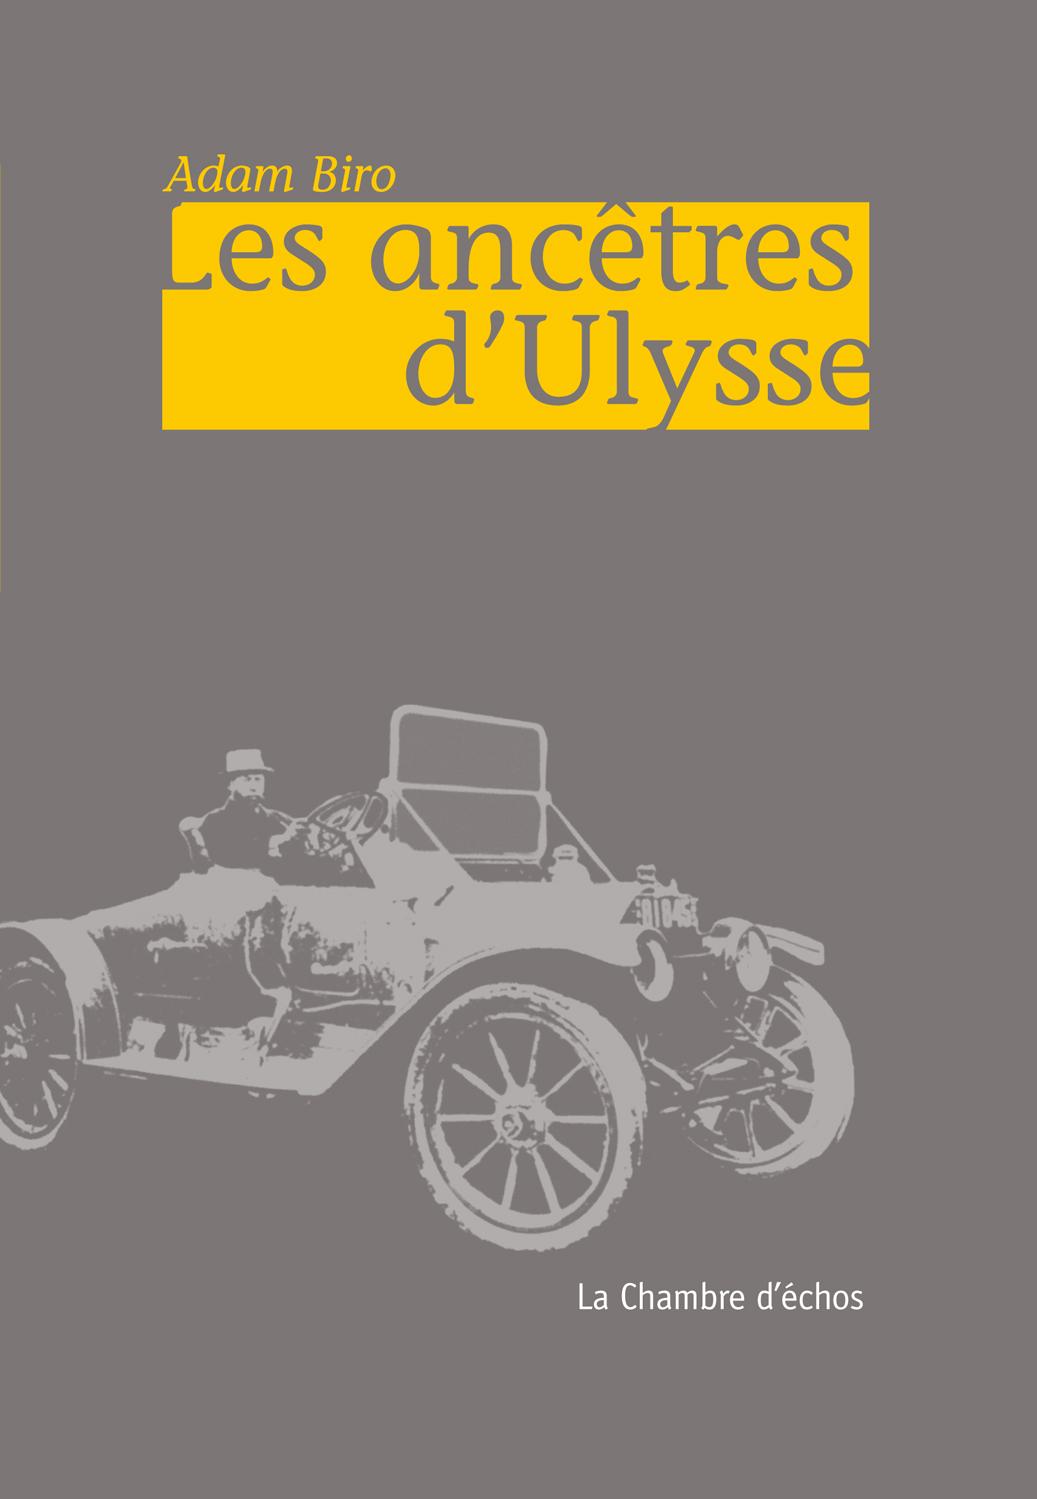 Les ancêtres d'Ulysse